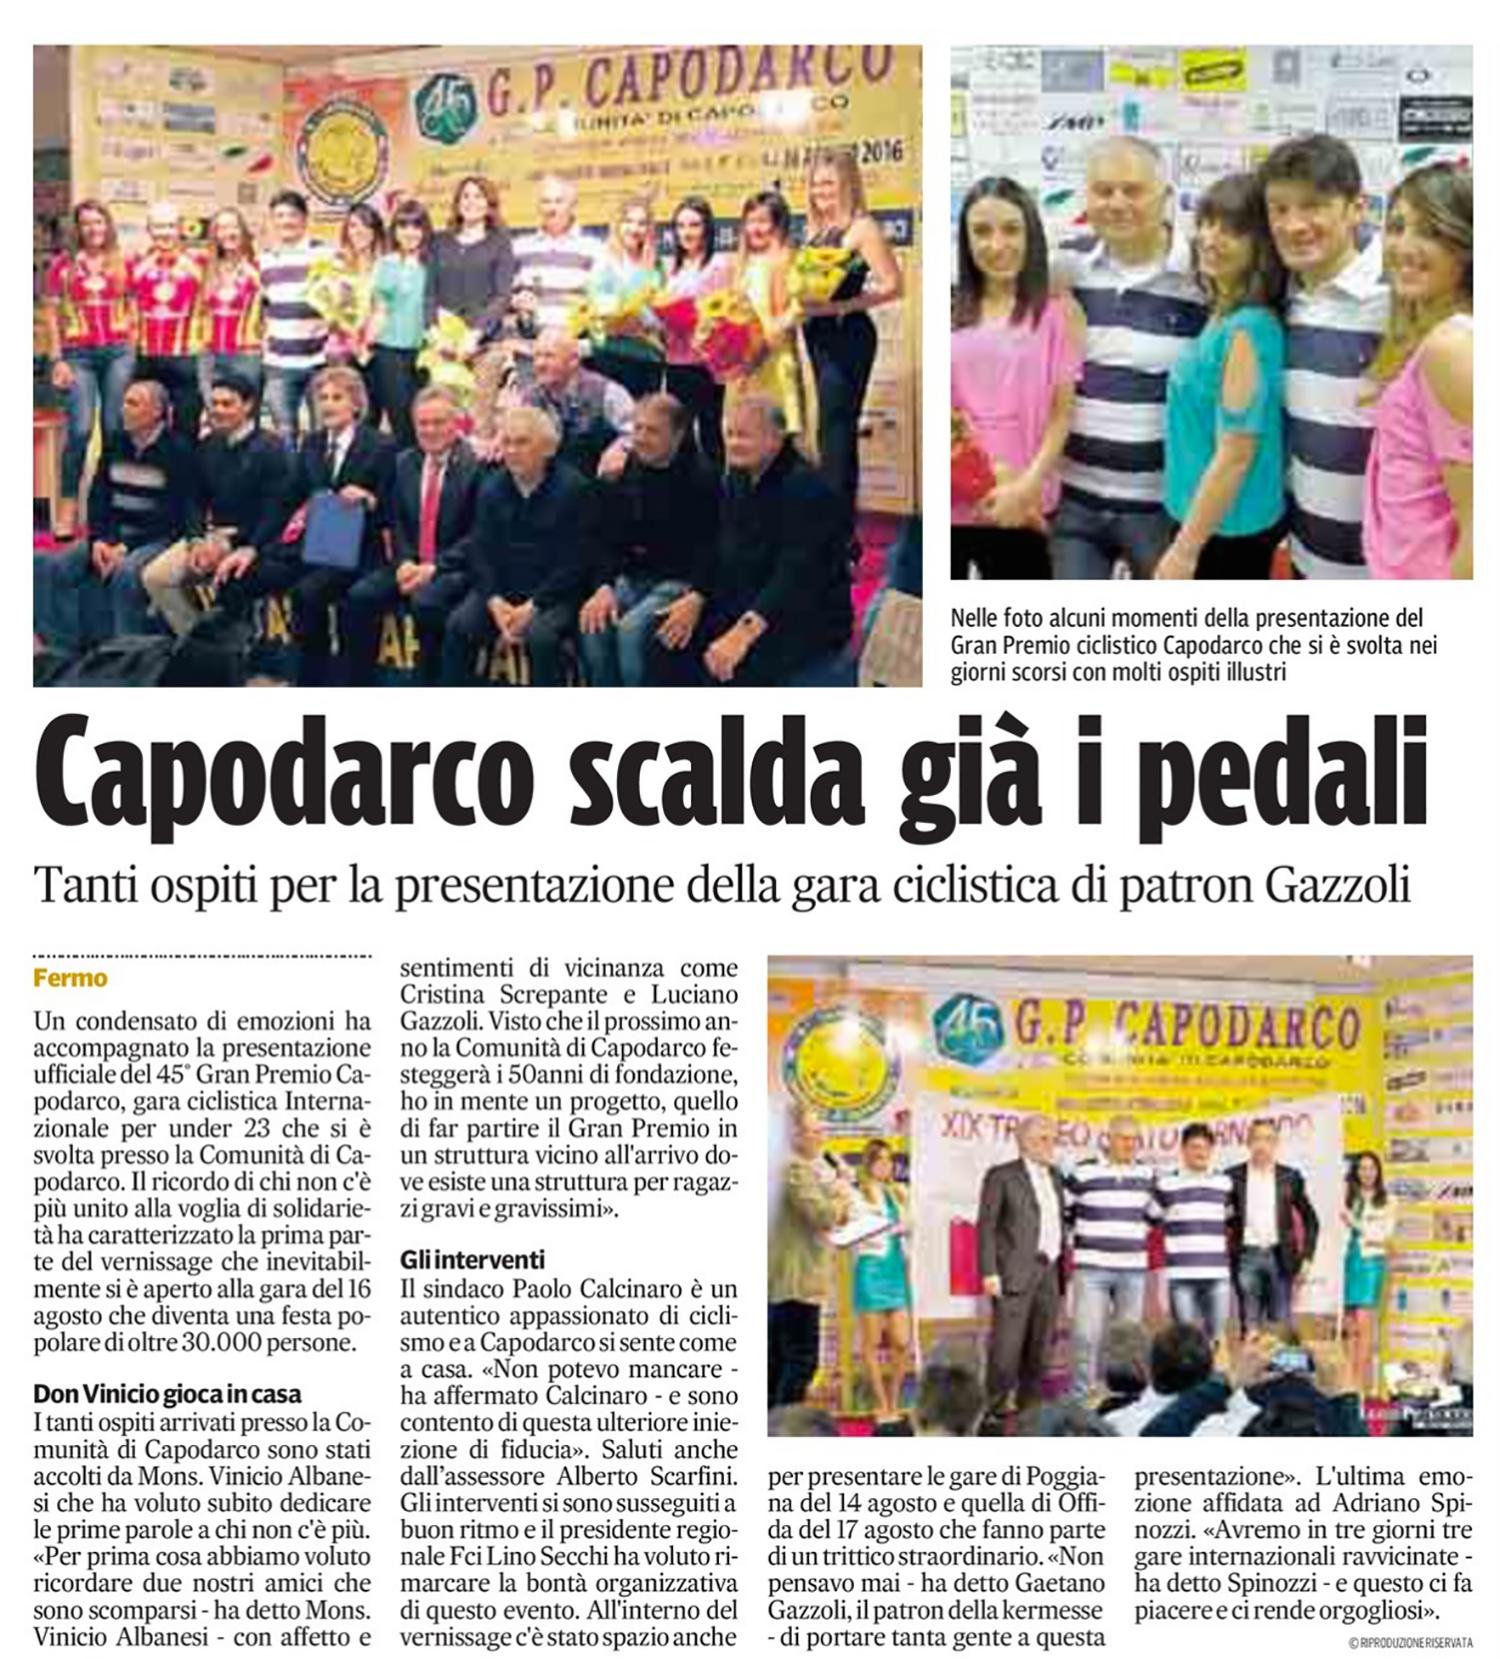 Corriere Adriatico - 18 Maggio 2016